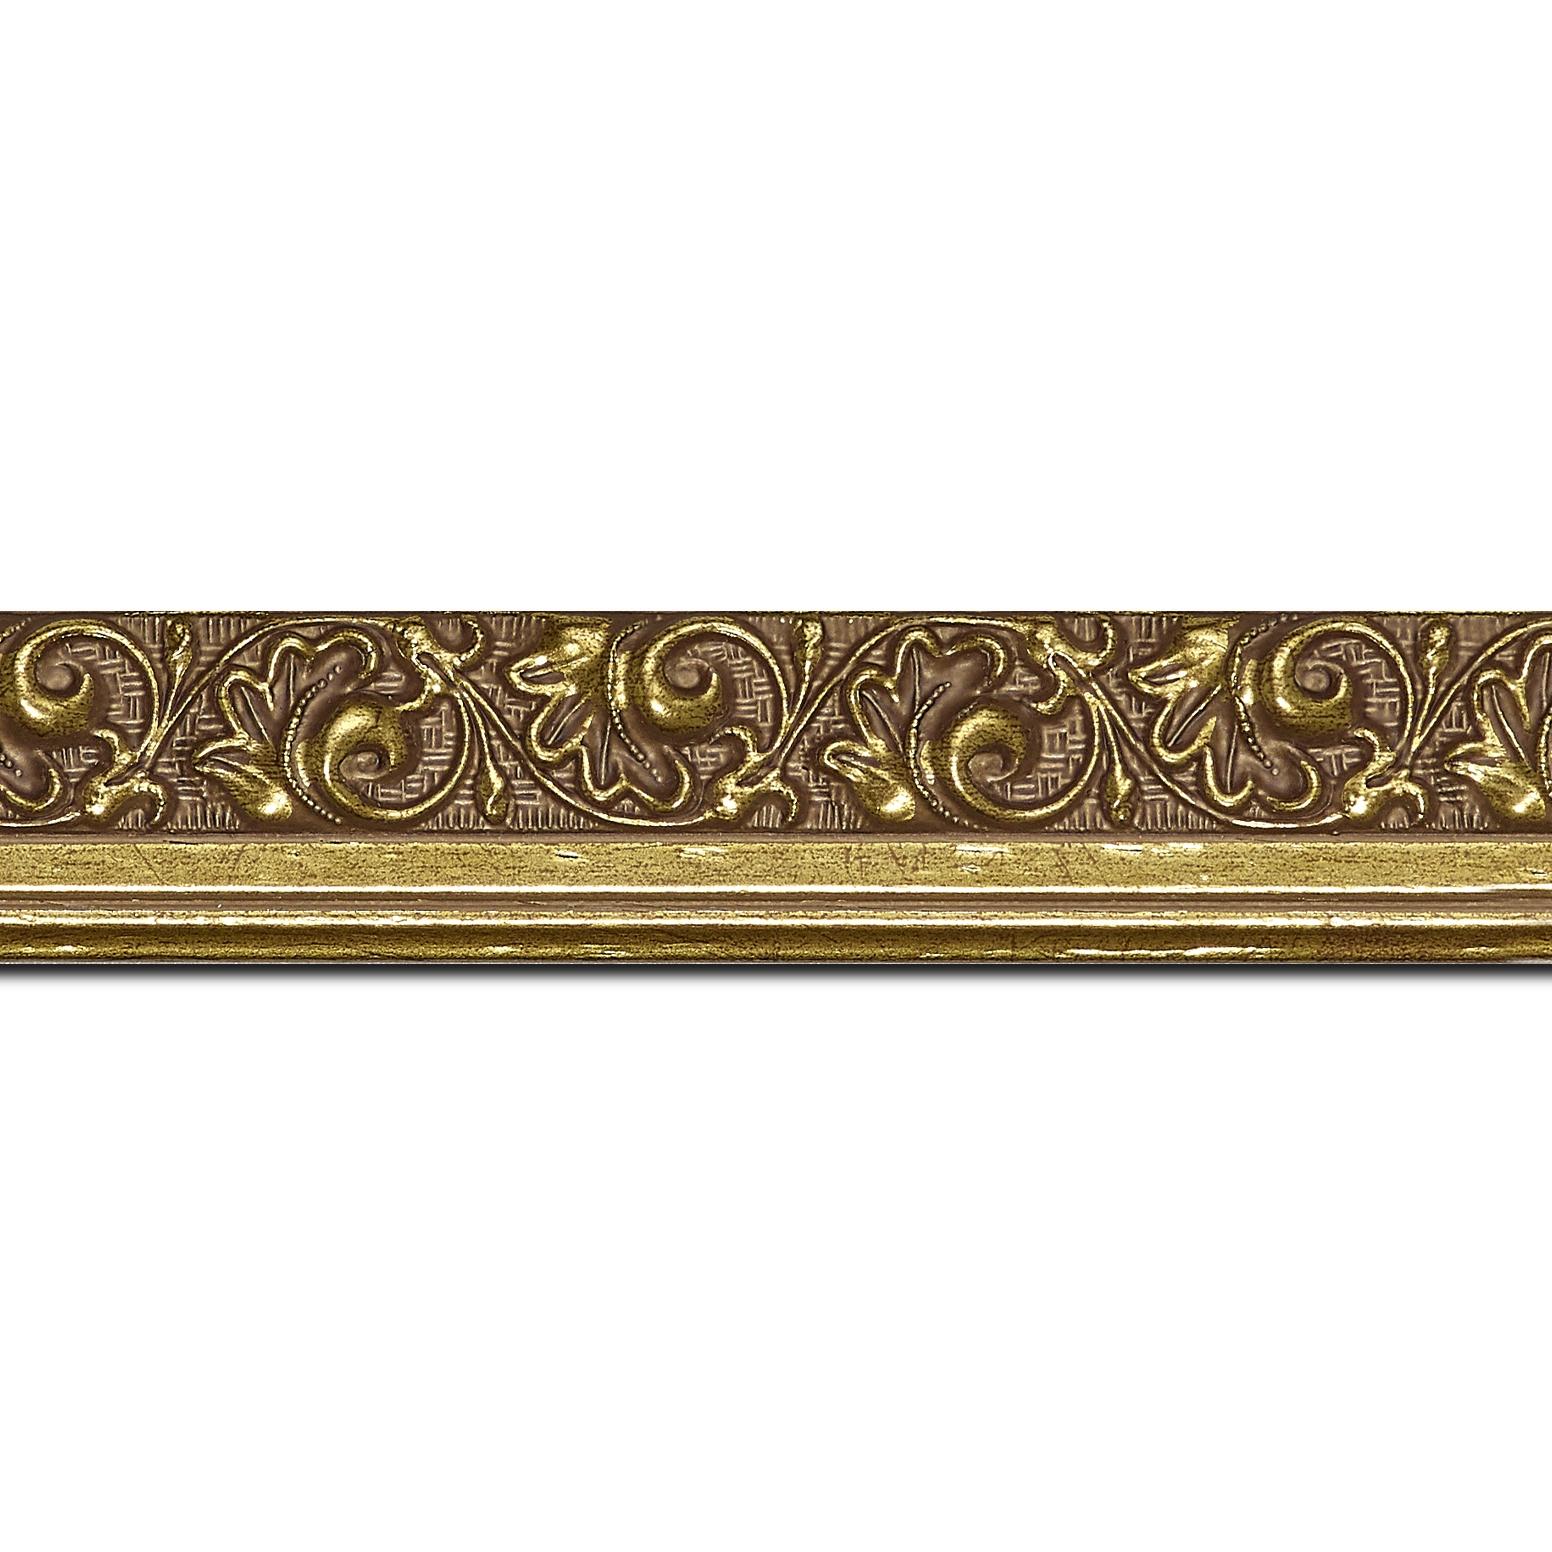 Pack par 12m, bois profil plat largeur 3.5cm or antique satiné décor frise (longueur baguette pouvant varier entre 2.40m et 3m selon arrivage des bois)